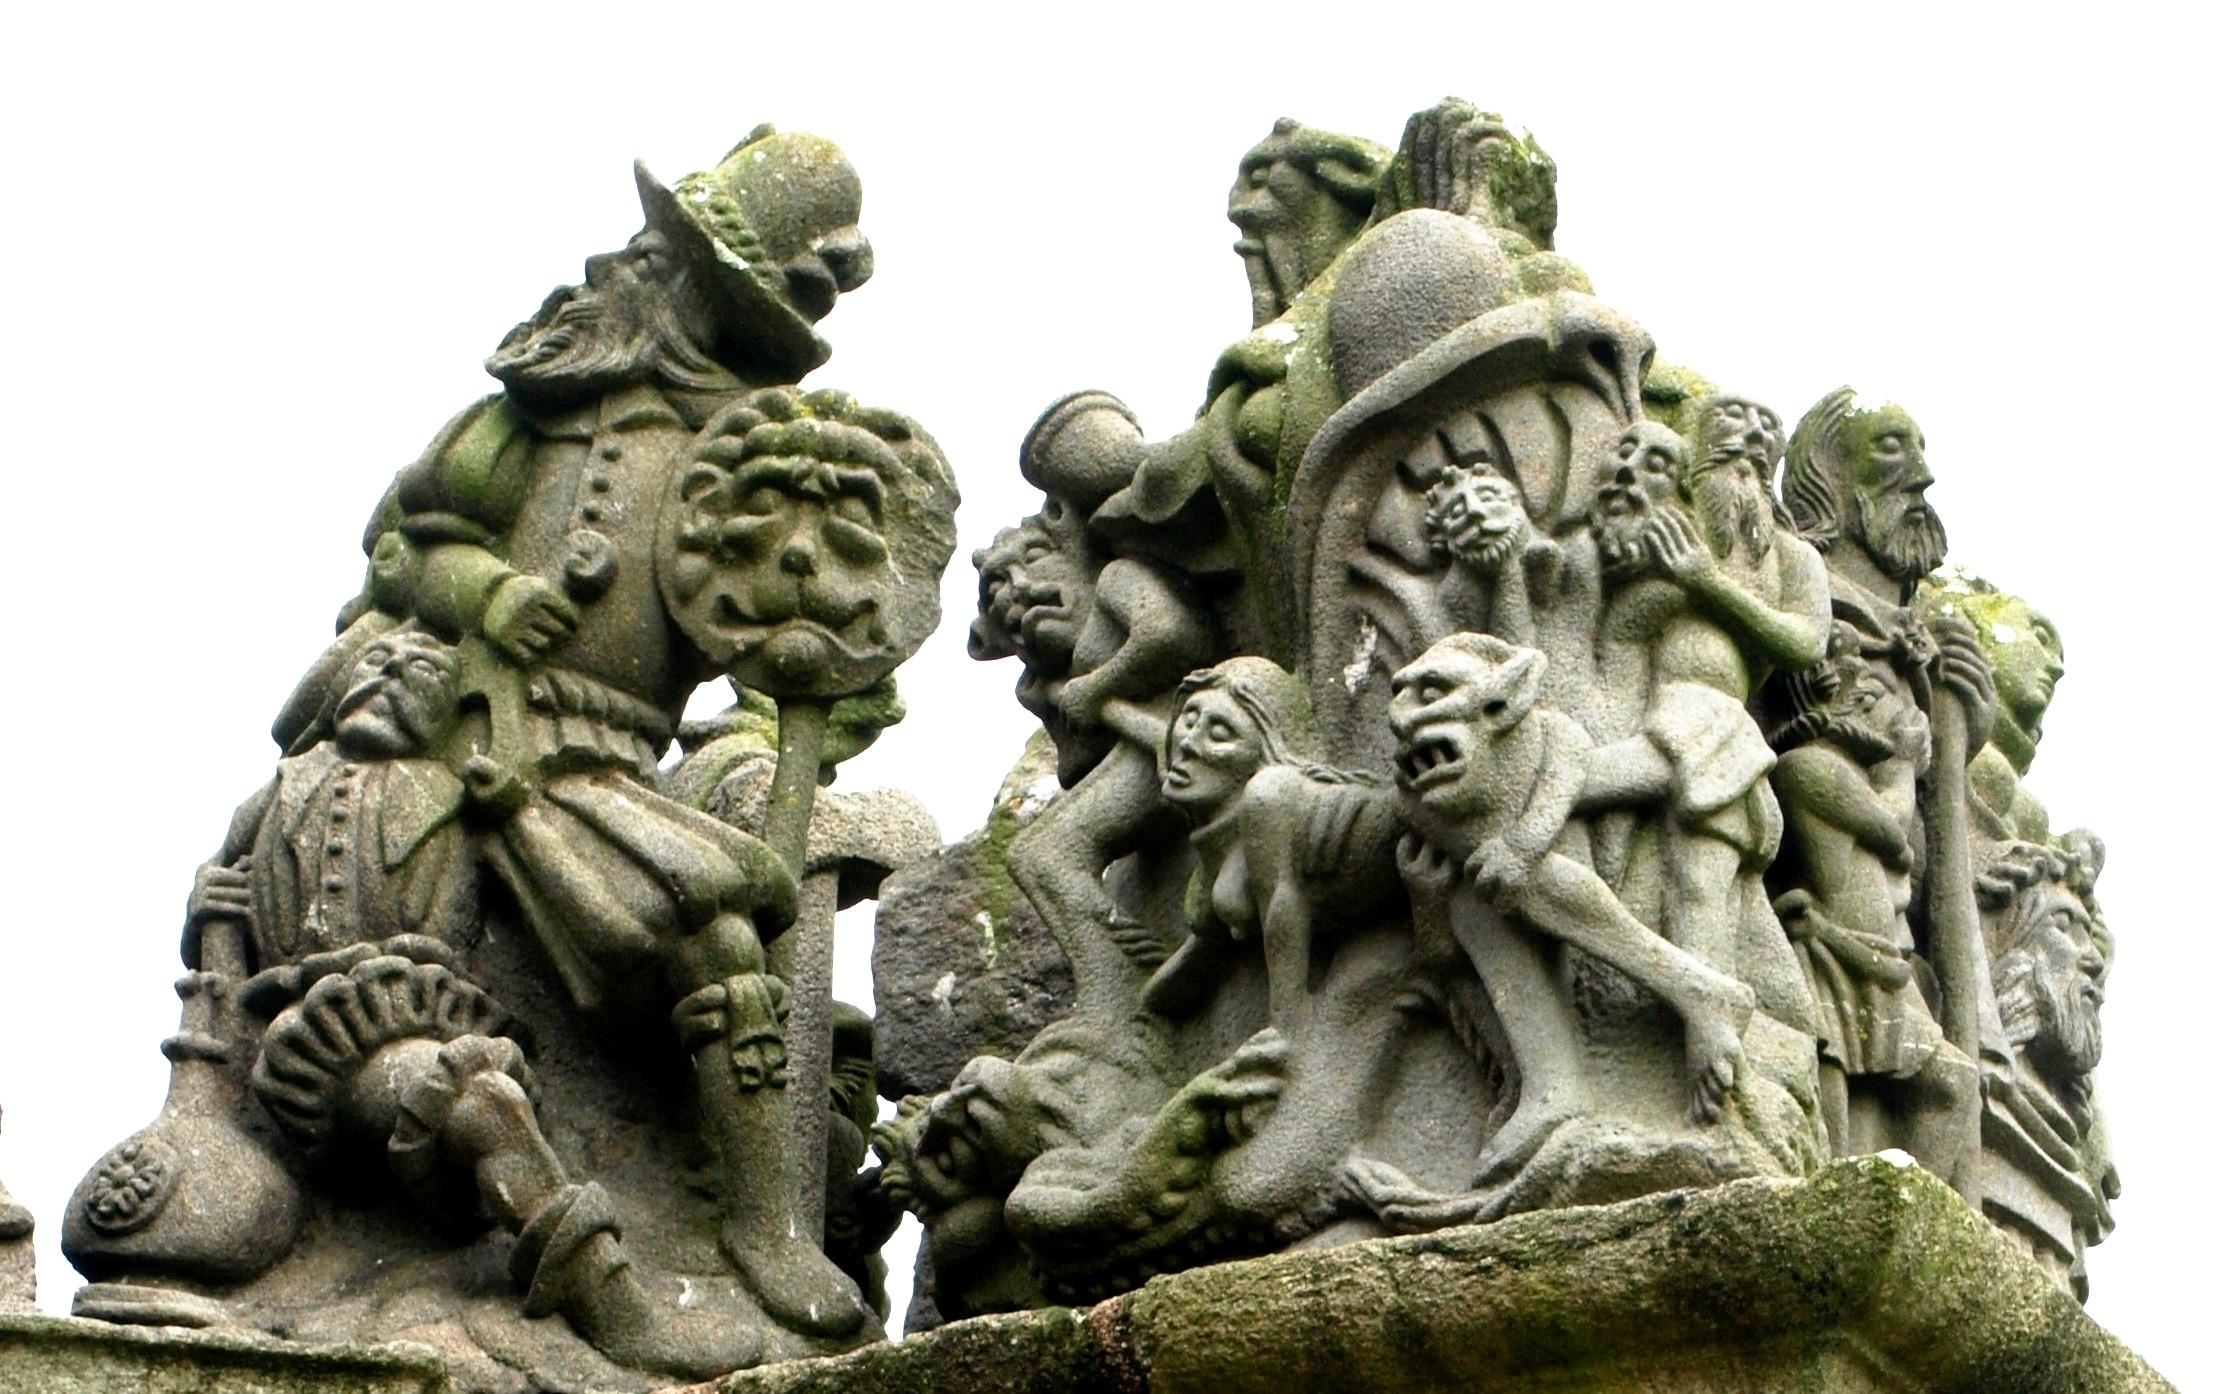 Francie - Bretaň - Guimiliau, Kalvárie, Cate Golet (Zatracená Kateřina), hříšnice odnášená čerty, modelem stála asi místní kráska která dala kameníkovi kopačky